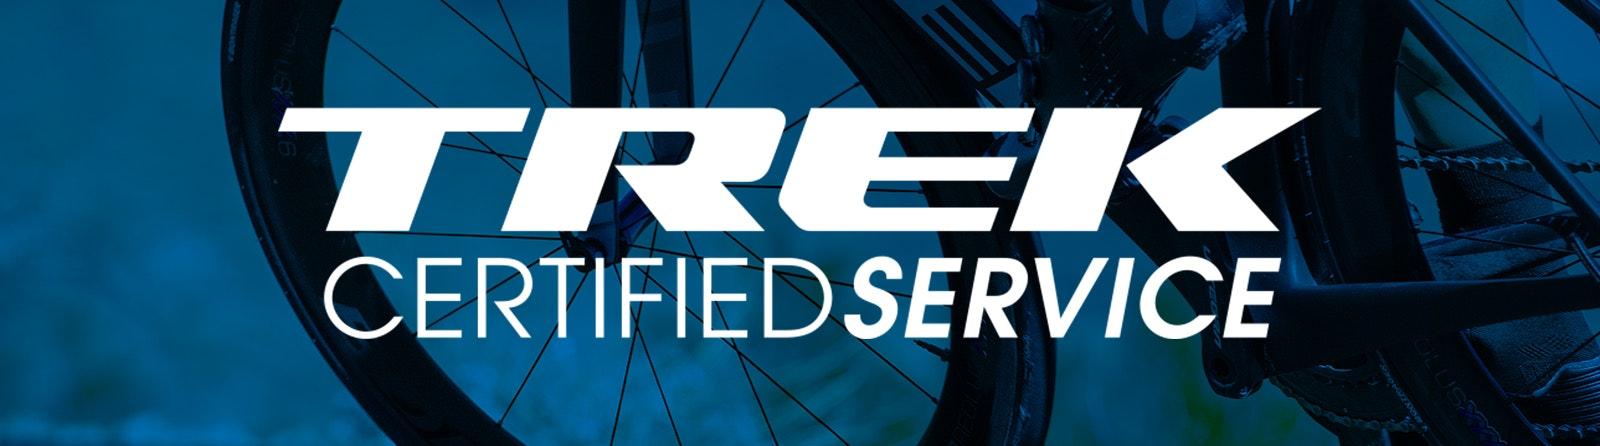 Trek Certified Service